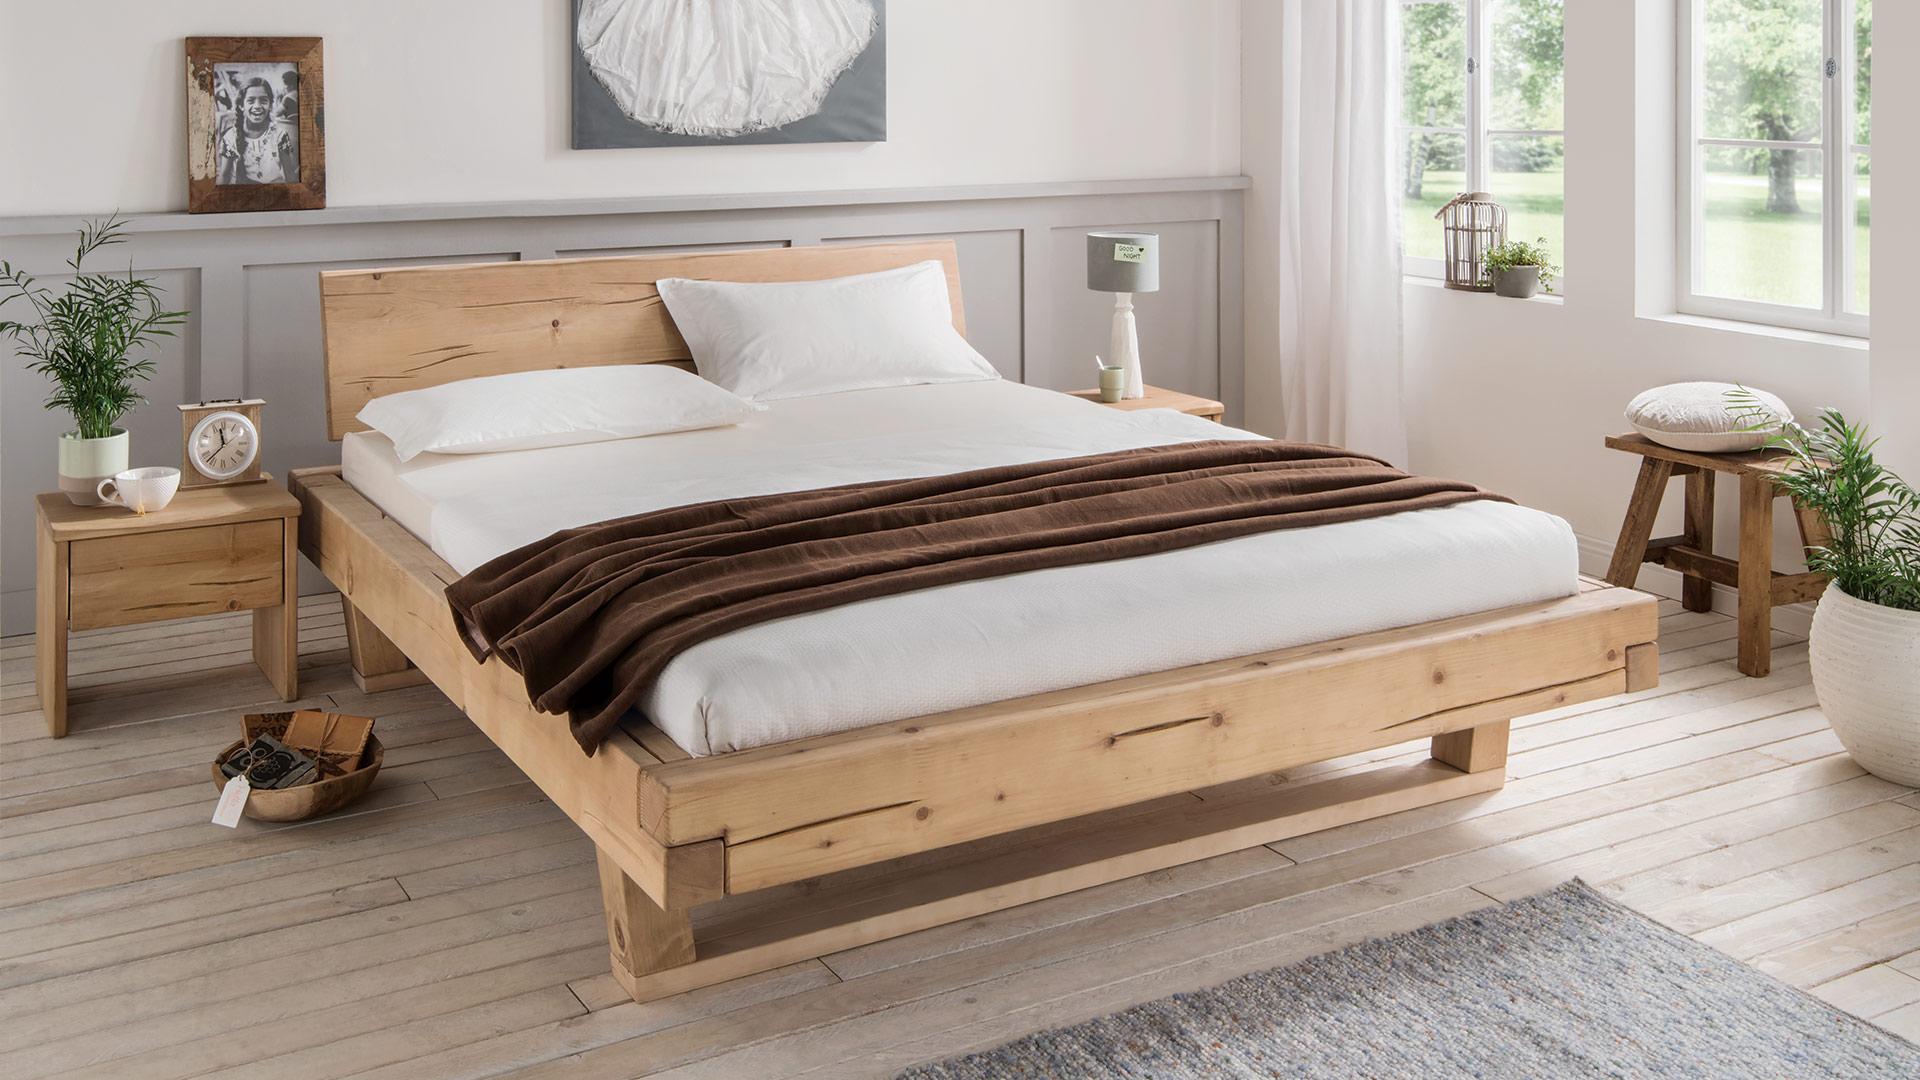 Doppelbett tegora massiv fichtenholz for Doppelbett jugendzimmer